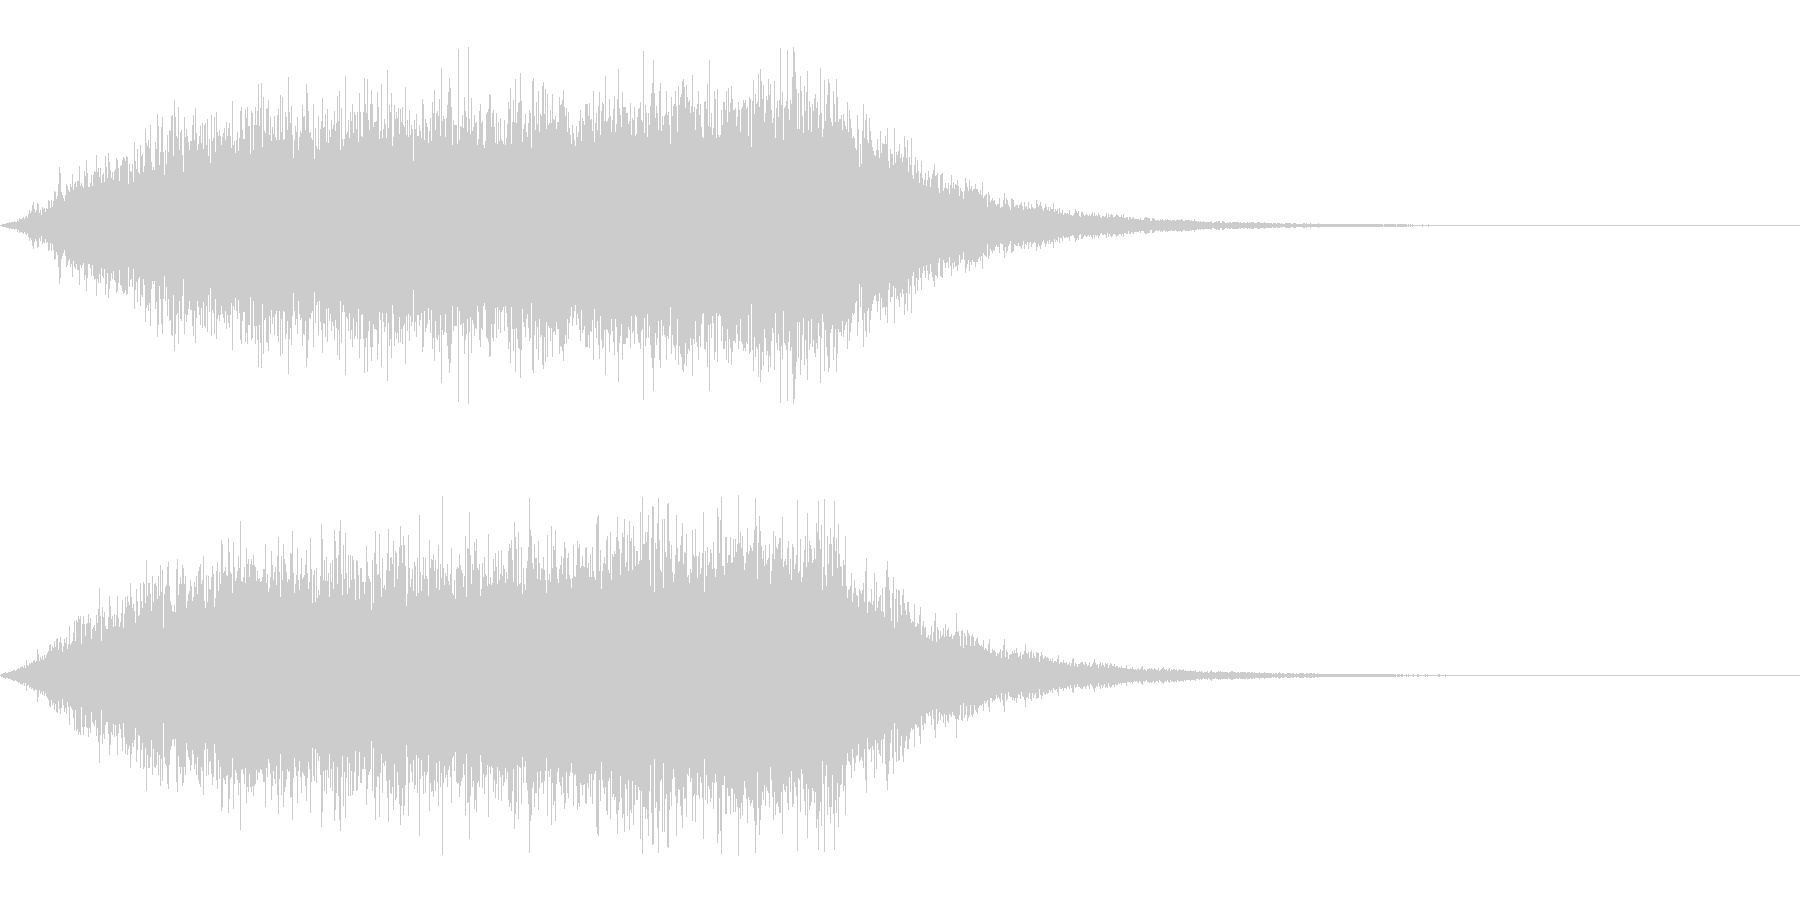 Dark_SweepUp-07Delayの未再生の波形